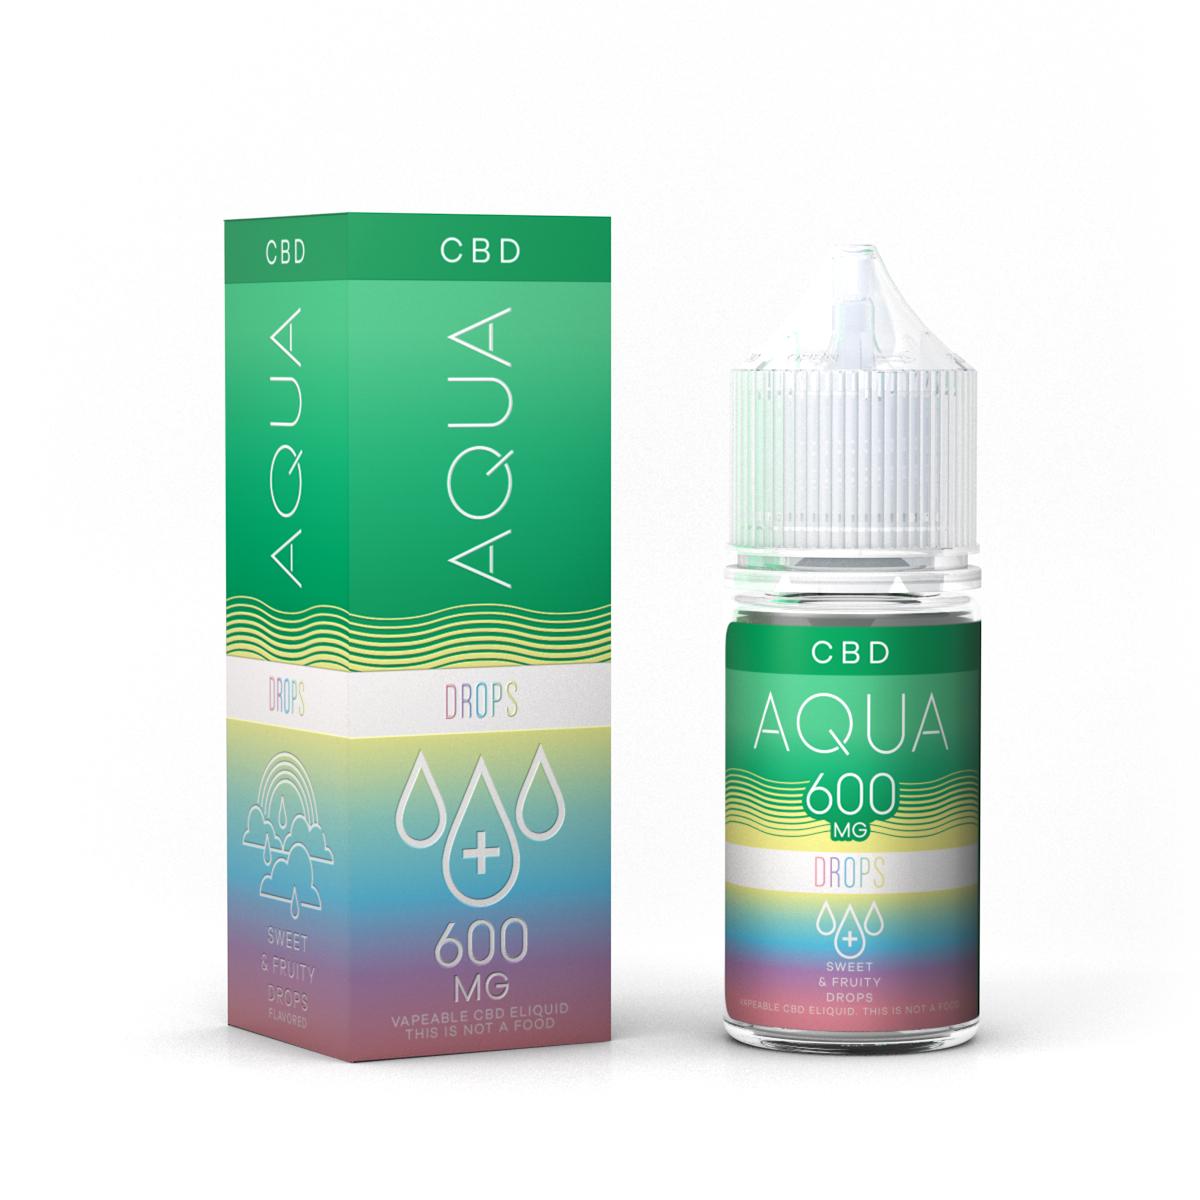 Aqua-CBD-600mg-Drops.jpg